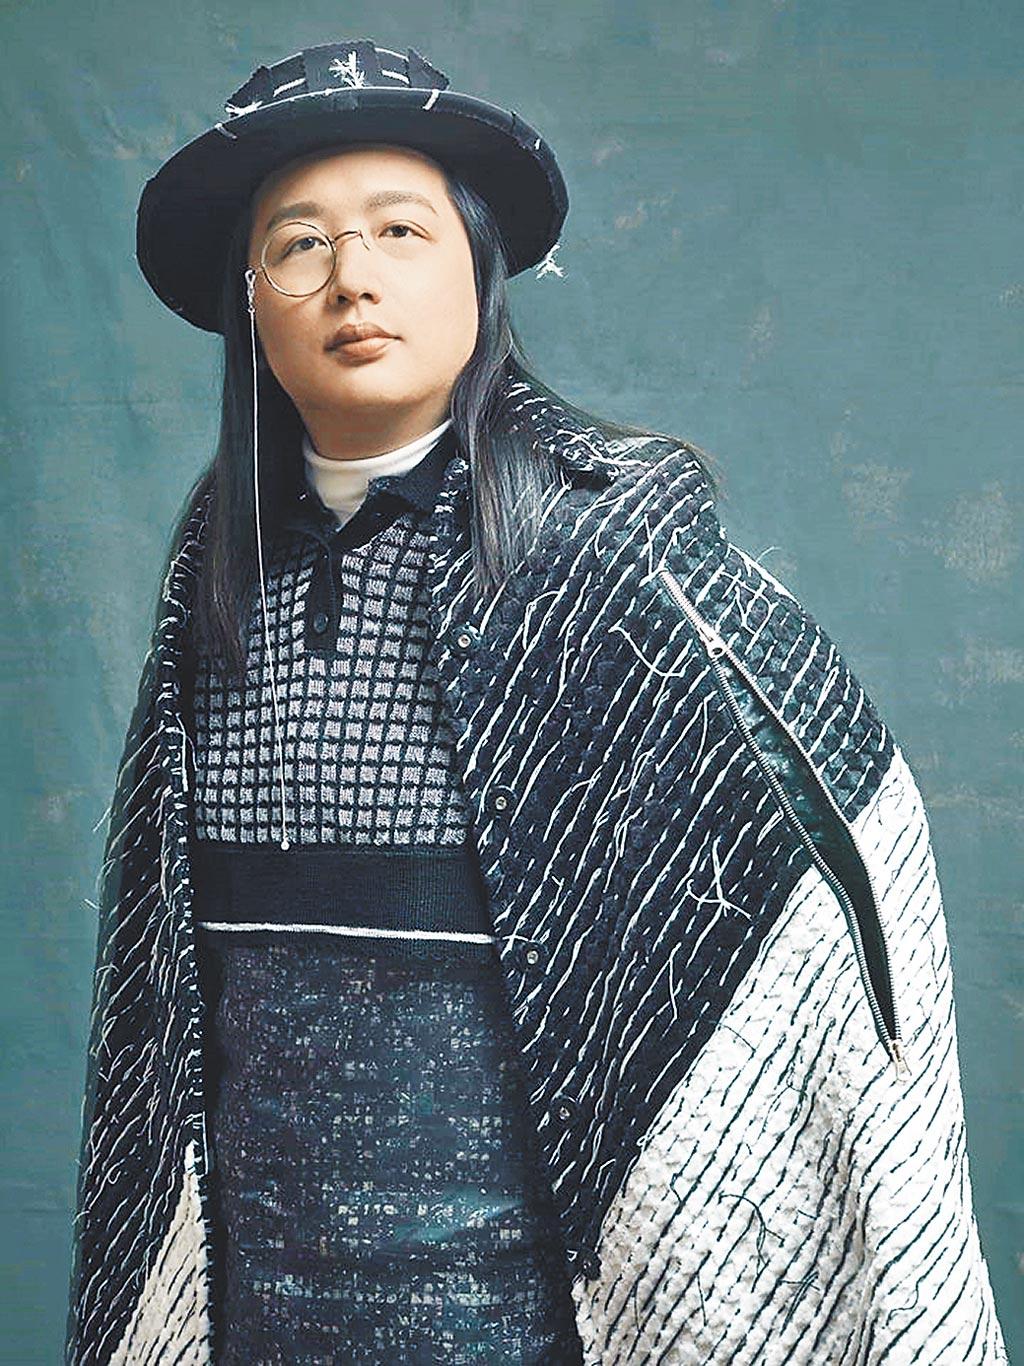 行政院政務委員唐鳳身著由仁美商標研發生產的緹花布料,織工精細,充分展現臺灣優秀的紡織實力以及設計能量。圖/業者提供